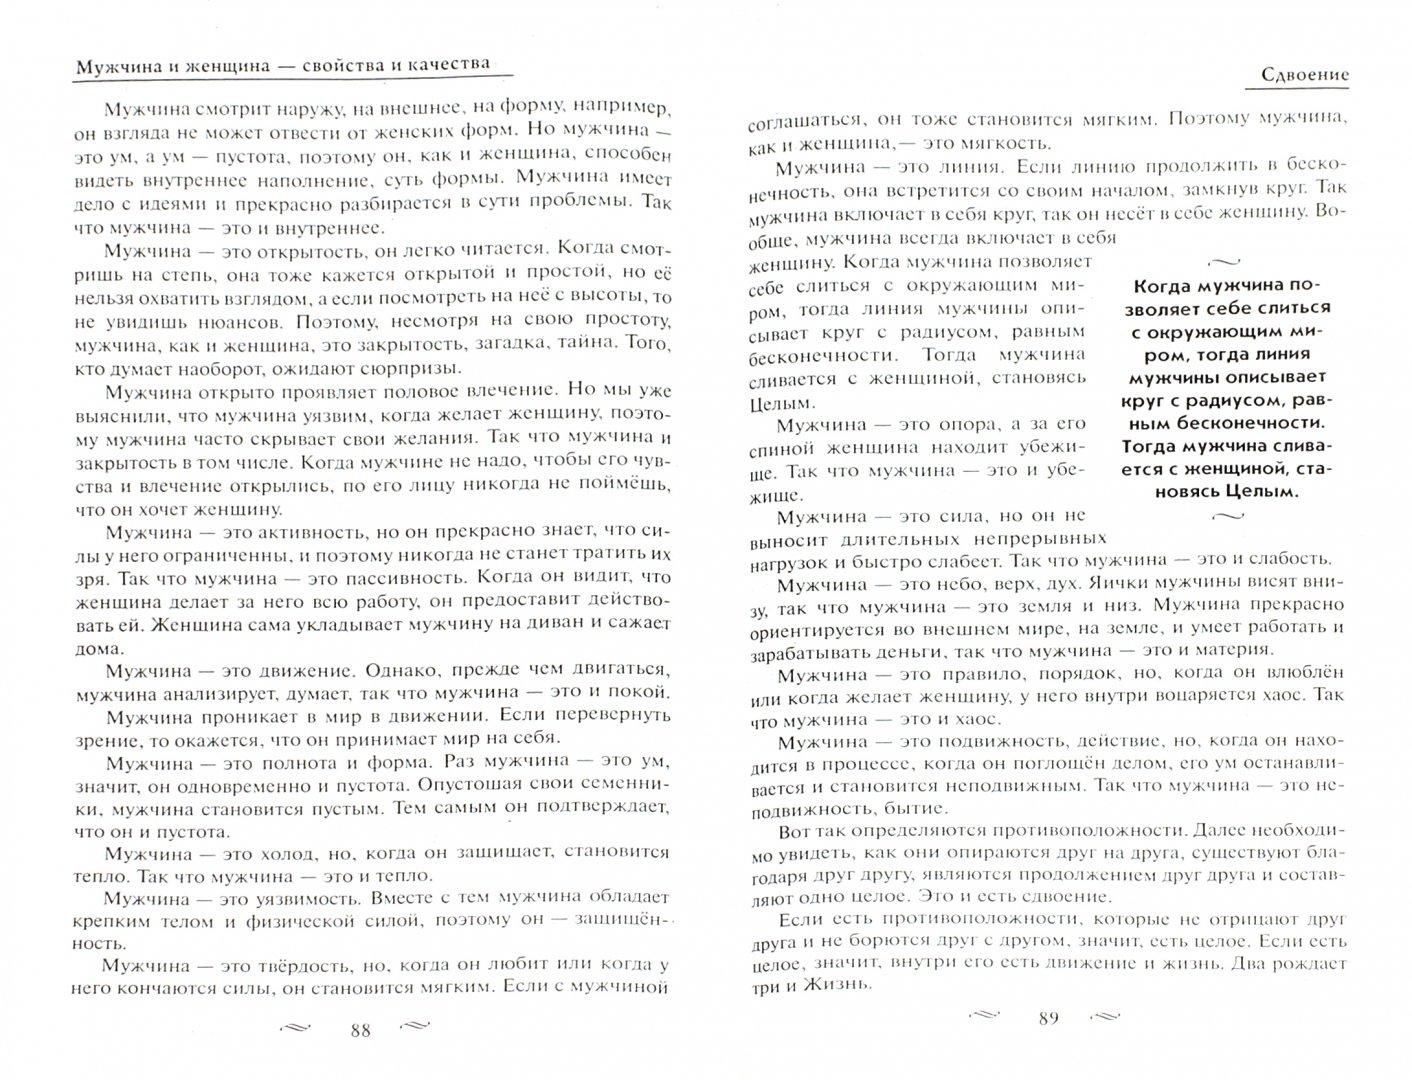 Иллюстрация 1 из 2 для Обретение Силы. Мужчина и Женщина - Владимир Жикаренцев | Лабиринт - книги. Источник: Лабиринт